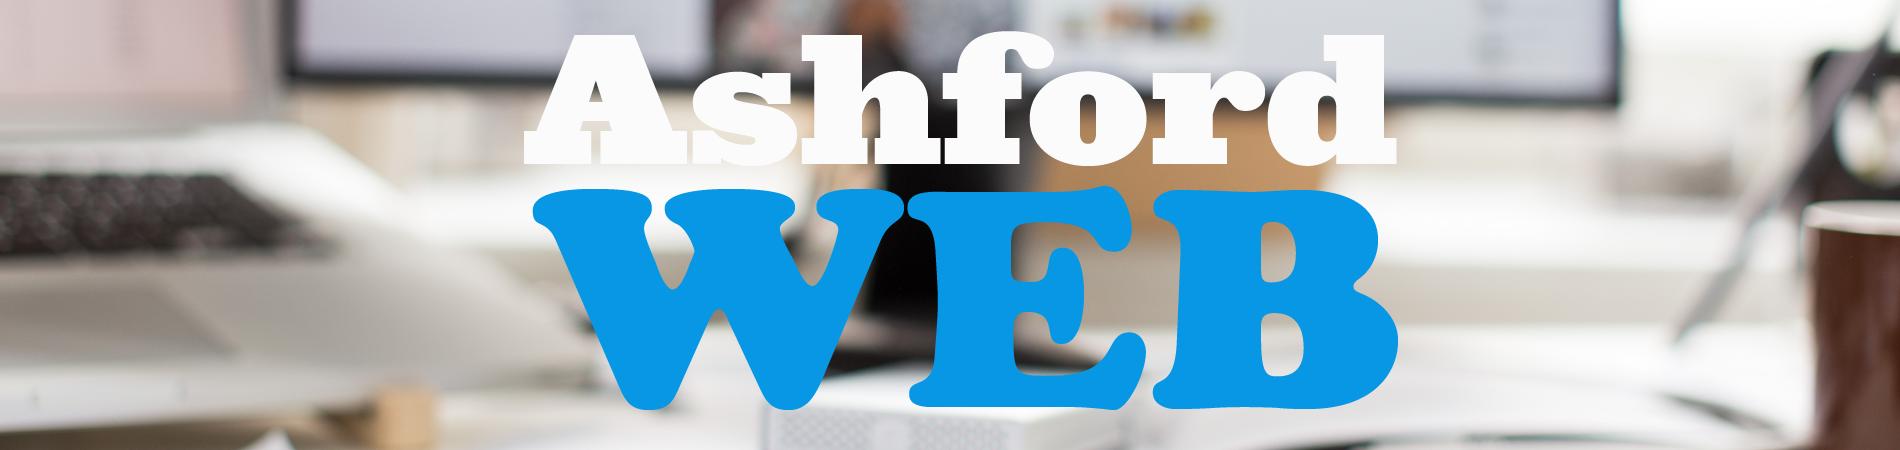 ashford-web